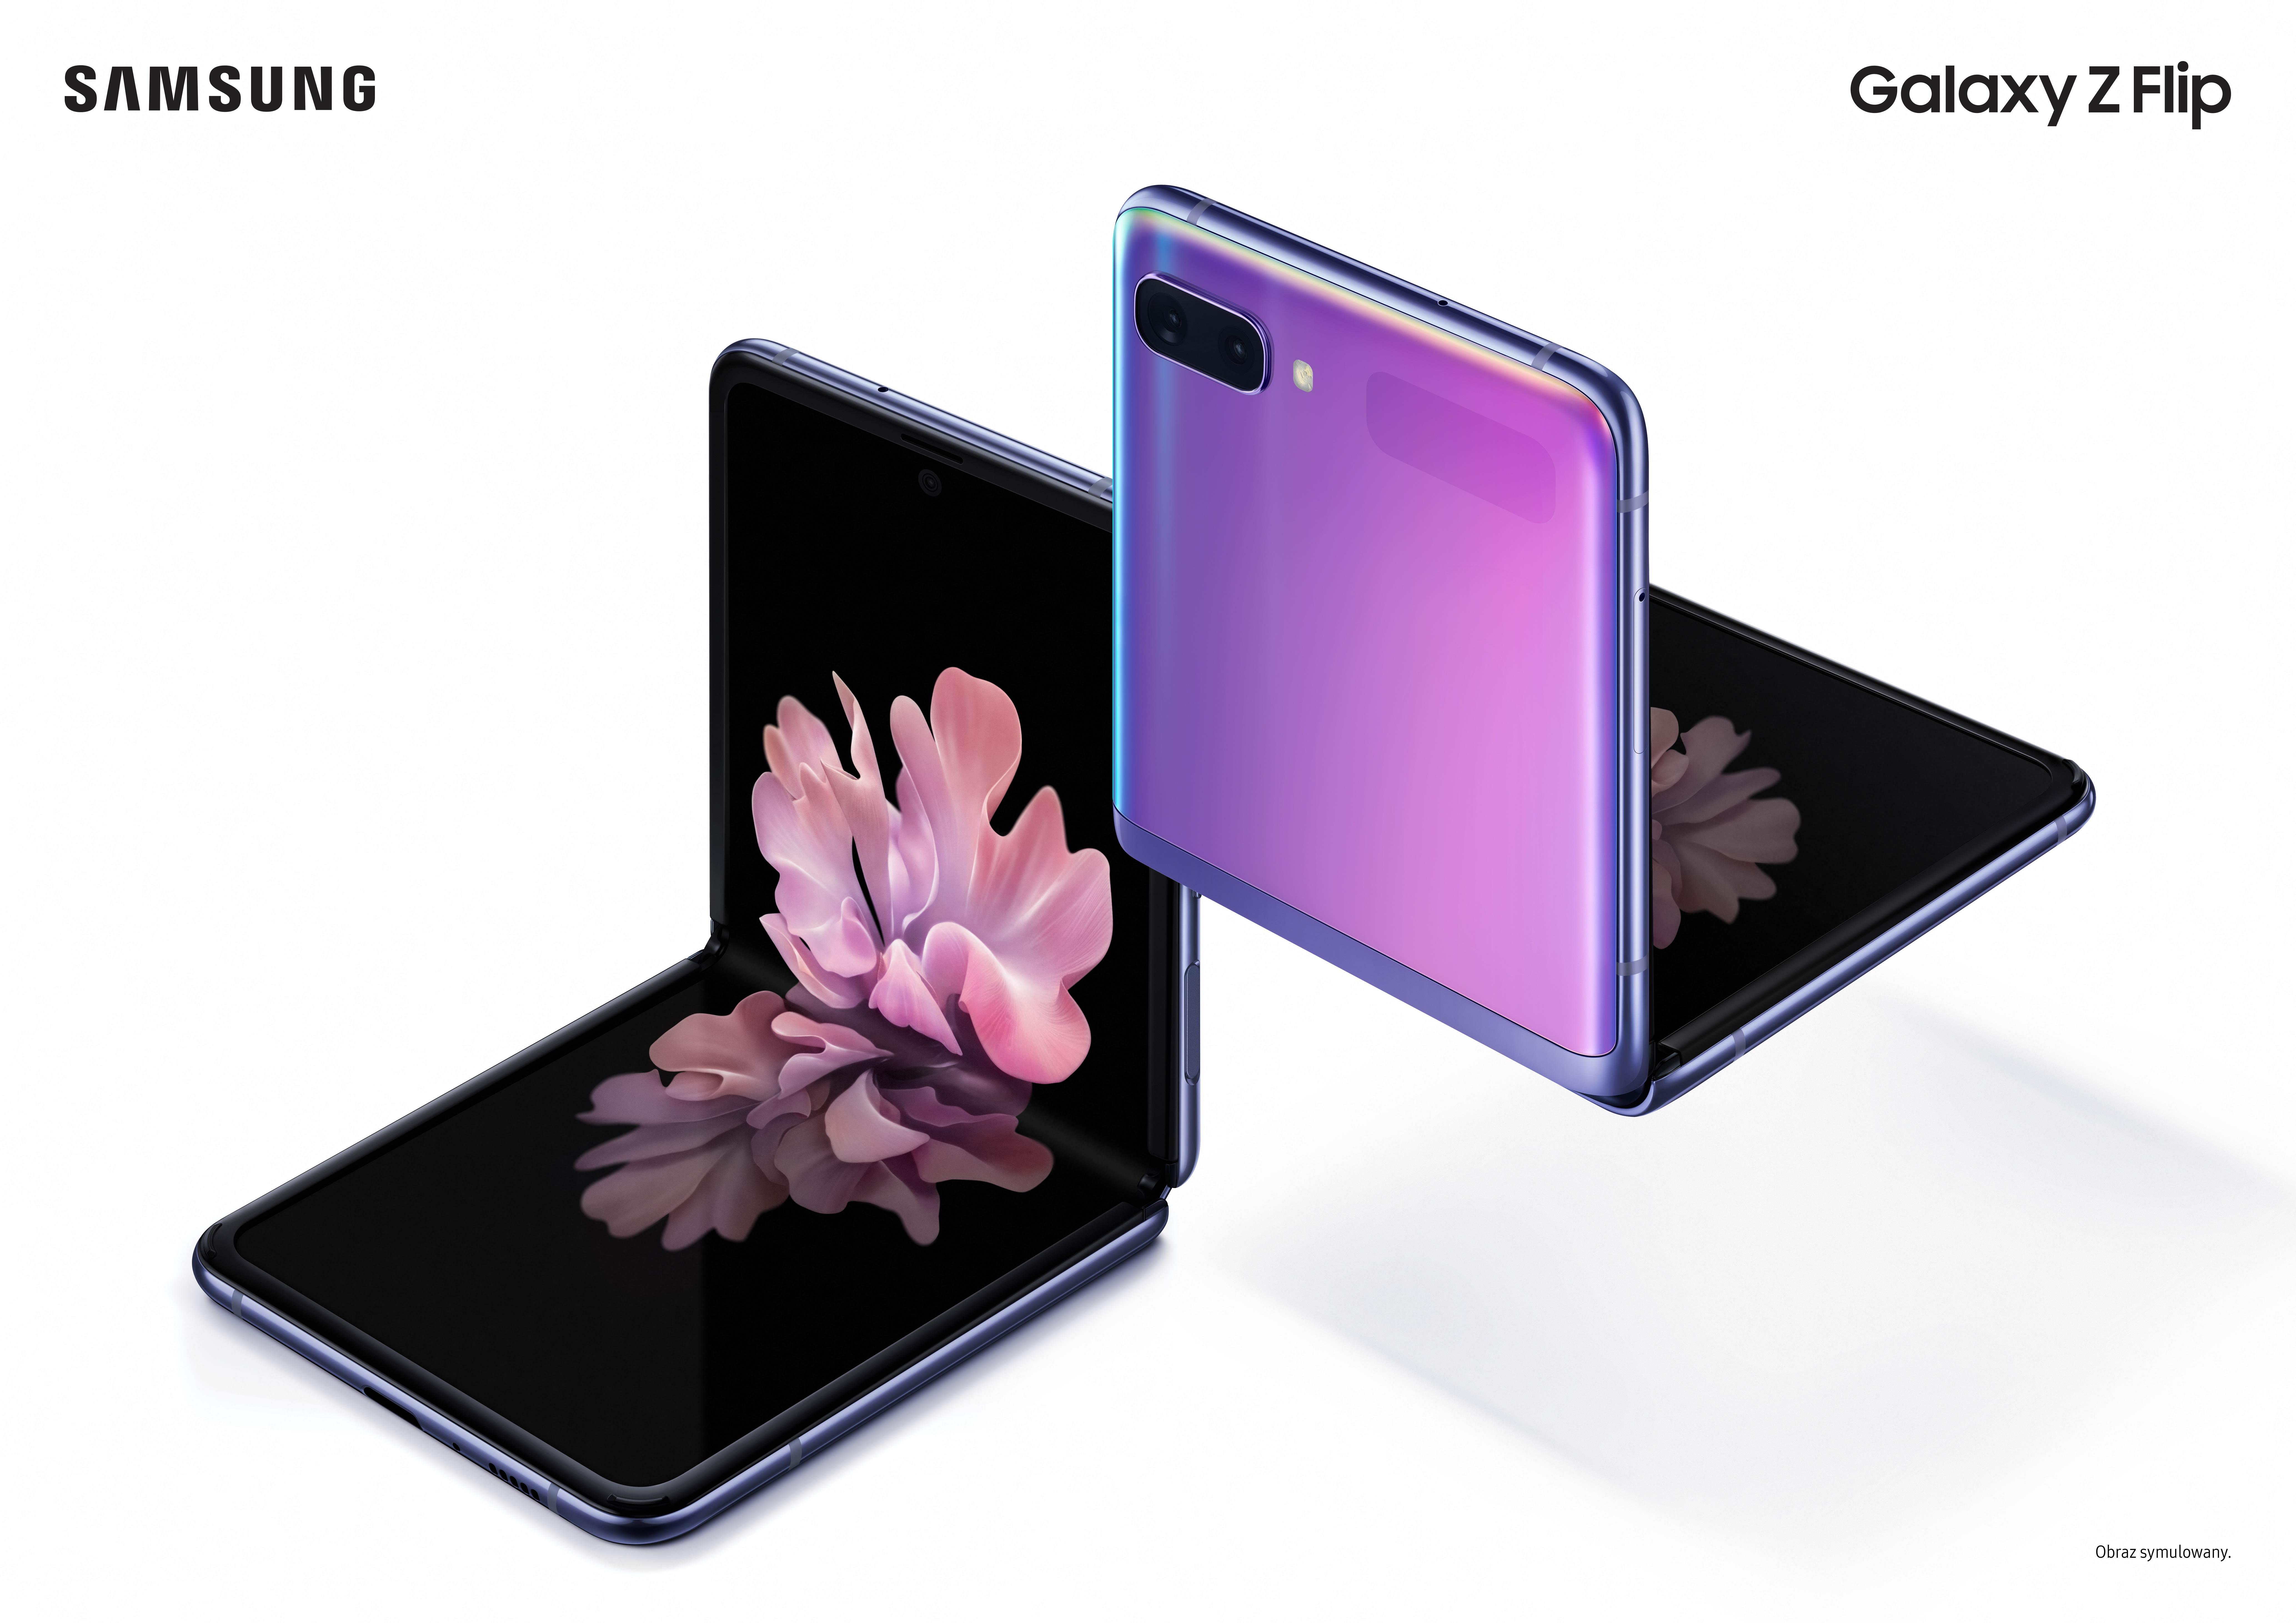 Drugie, lepsze podejście Samsunga do składanych ekranów: oto Galaxy Z Flip 21